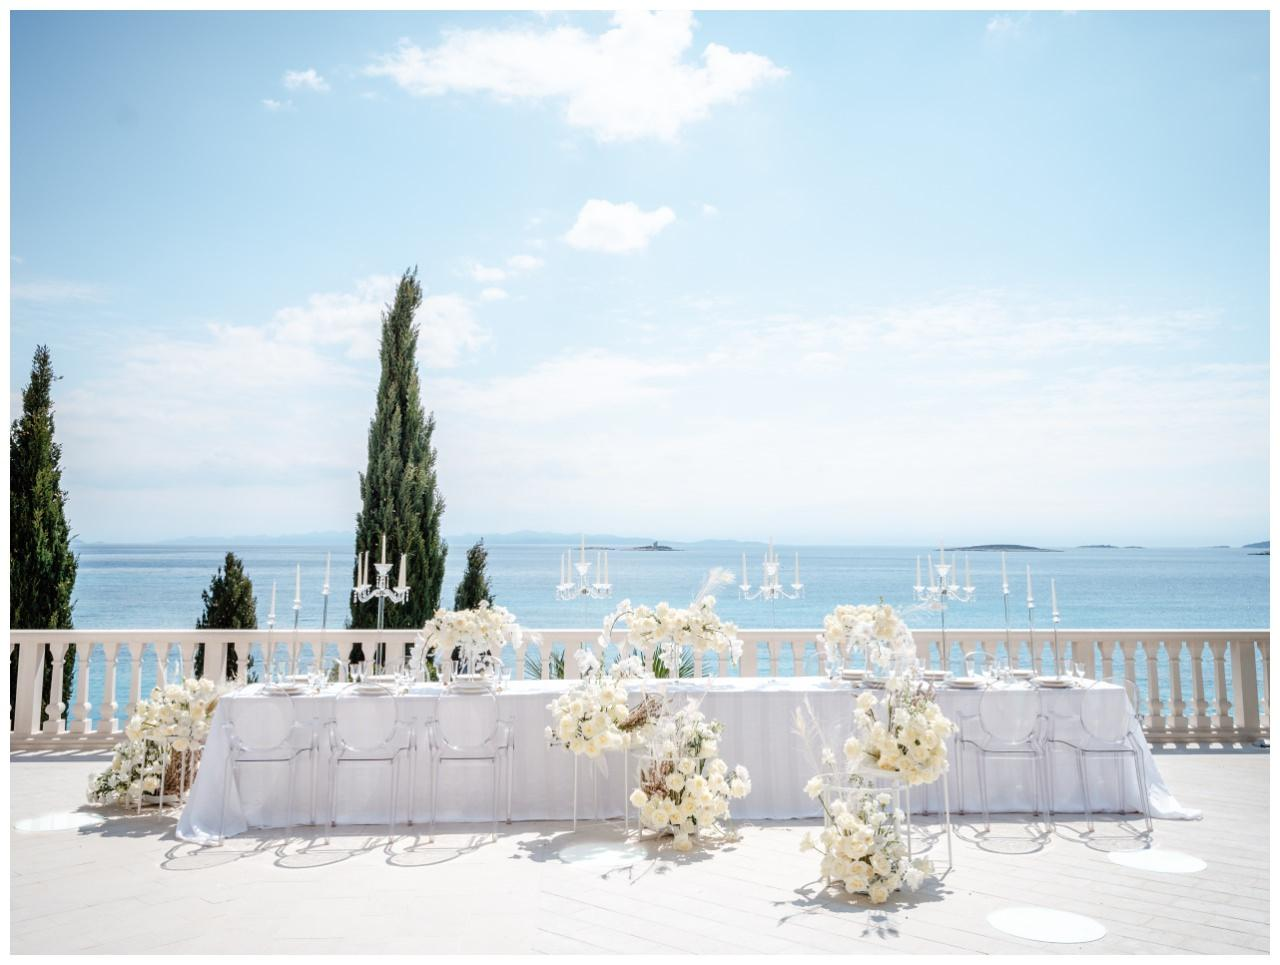 Hochzeit Kroatien Hochzeitsplanung Hochzeitsplaner Fotograf 16 - Luxuriöse Hochzeit in Weiß